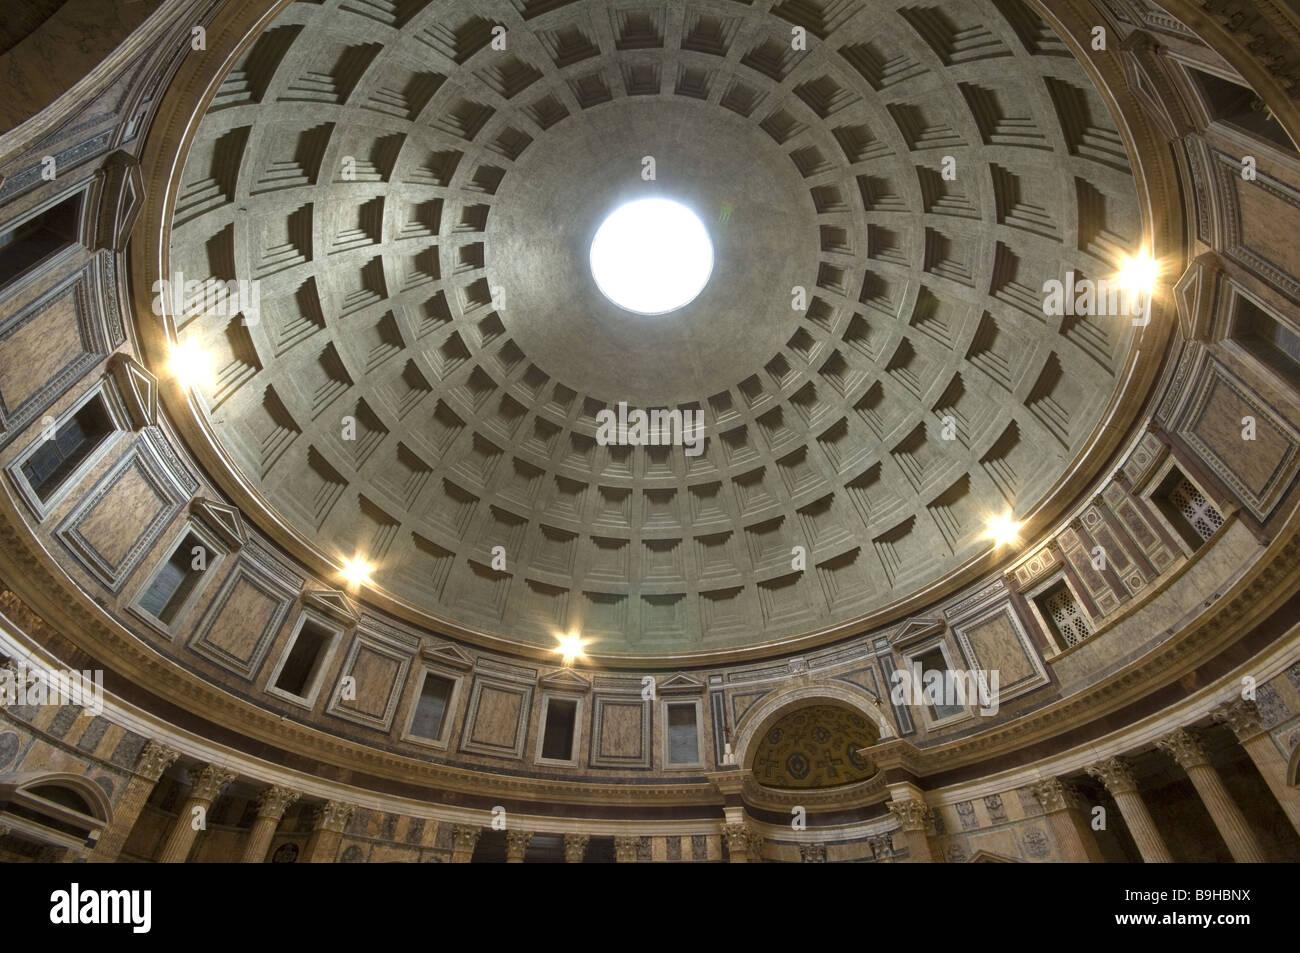 Roman Architecture Dome roman architecture domes - home design ideas